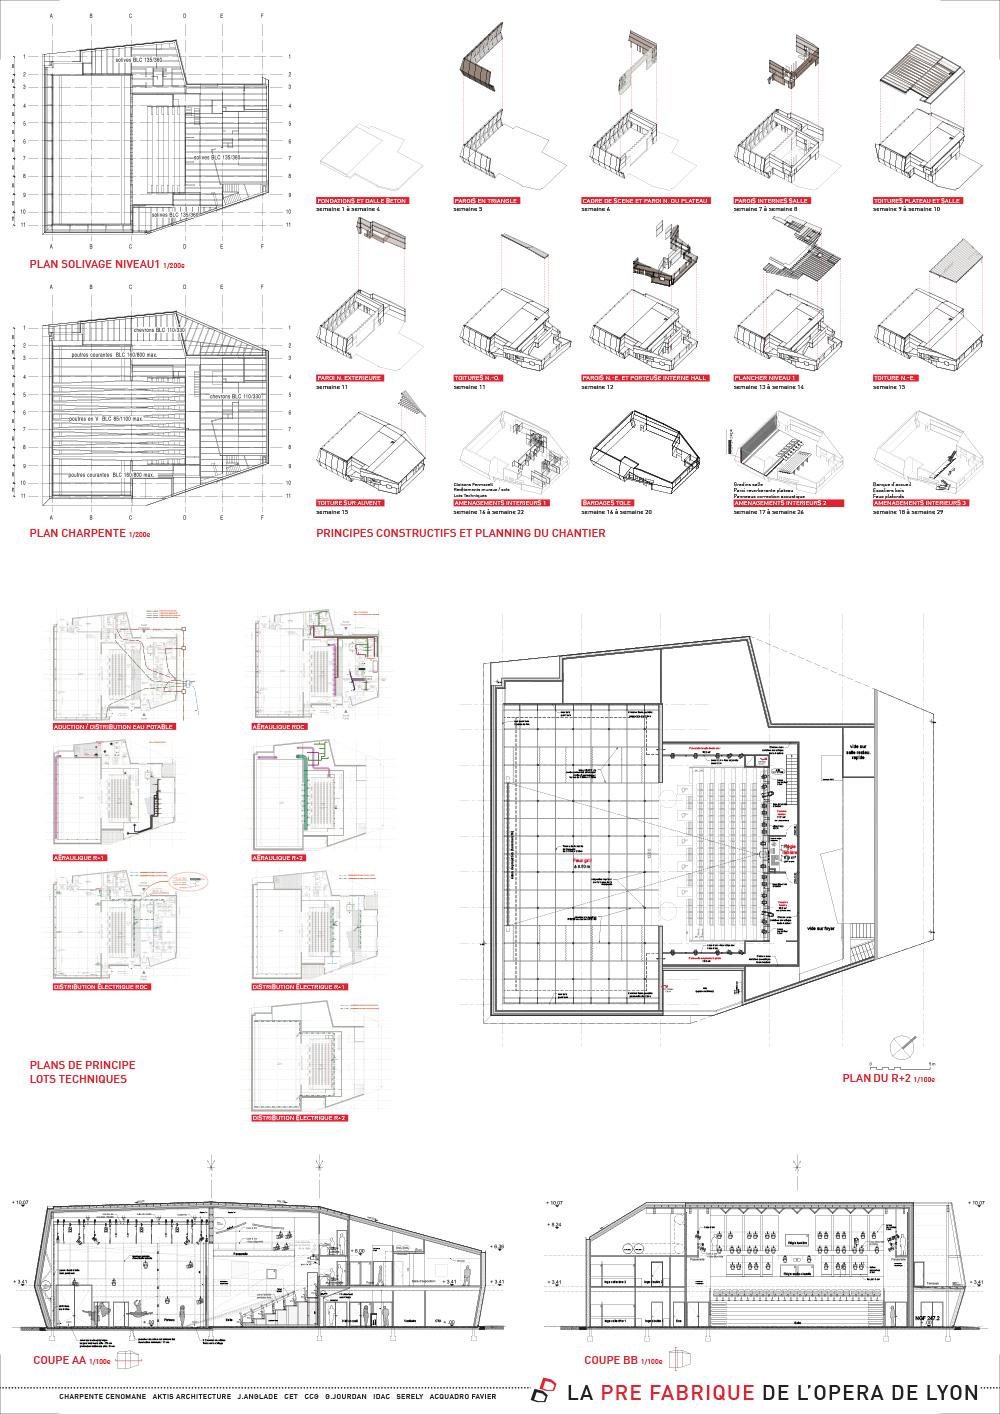 100 conception modification de plans architecte 50 for Architecte 3d wikipedia